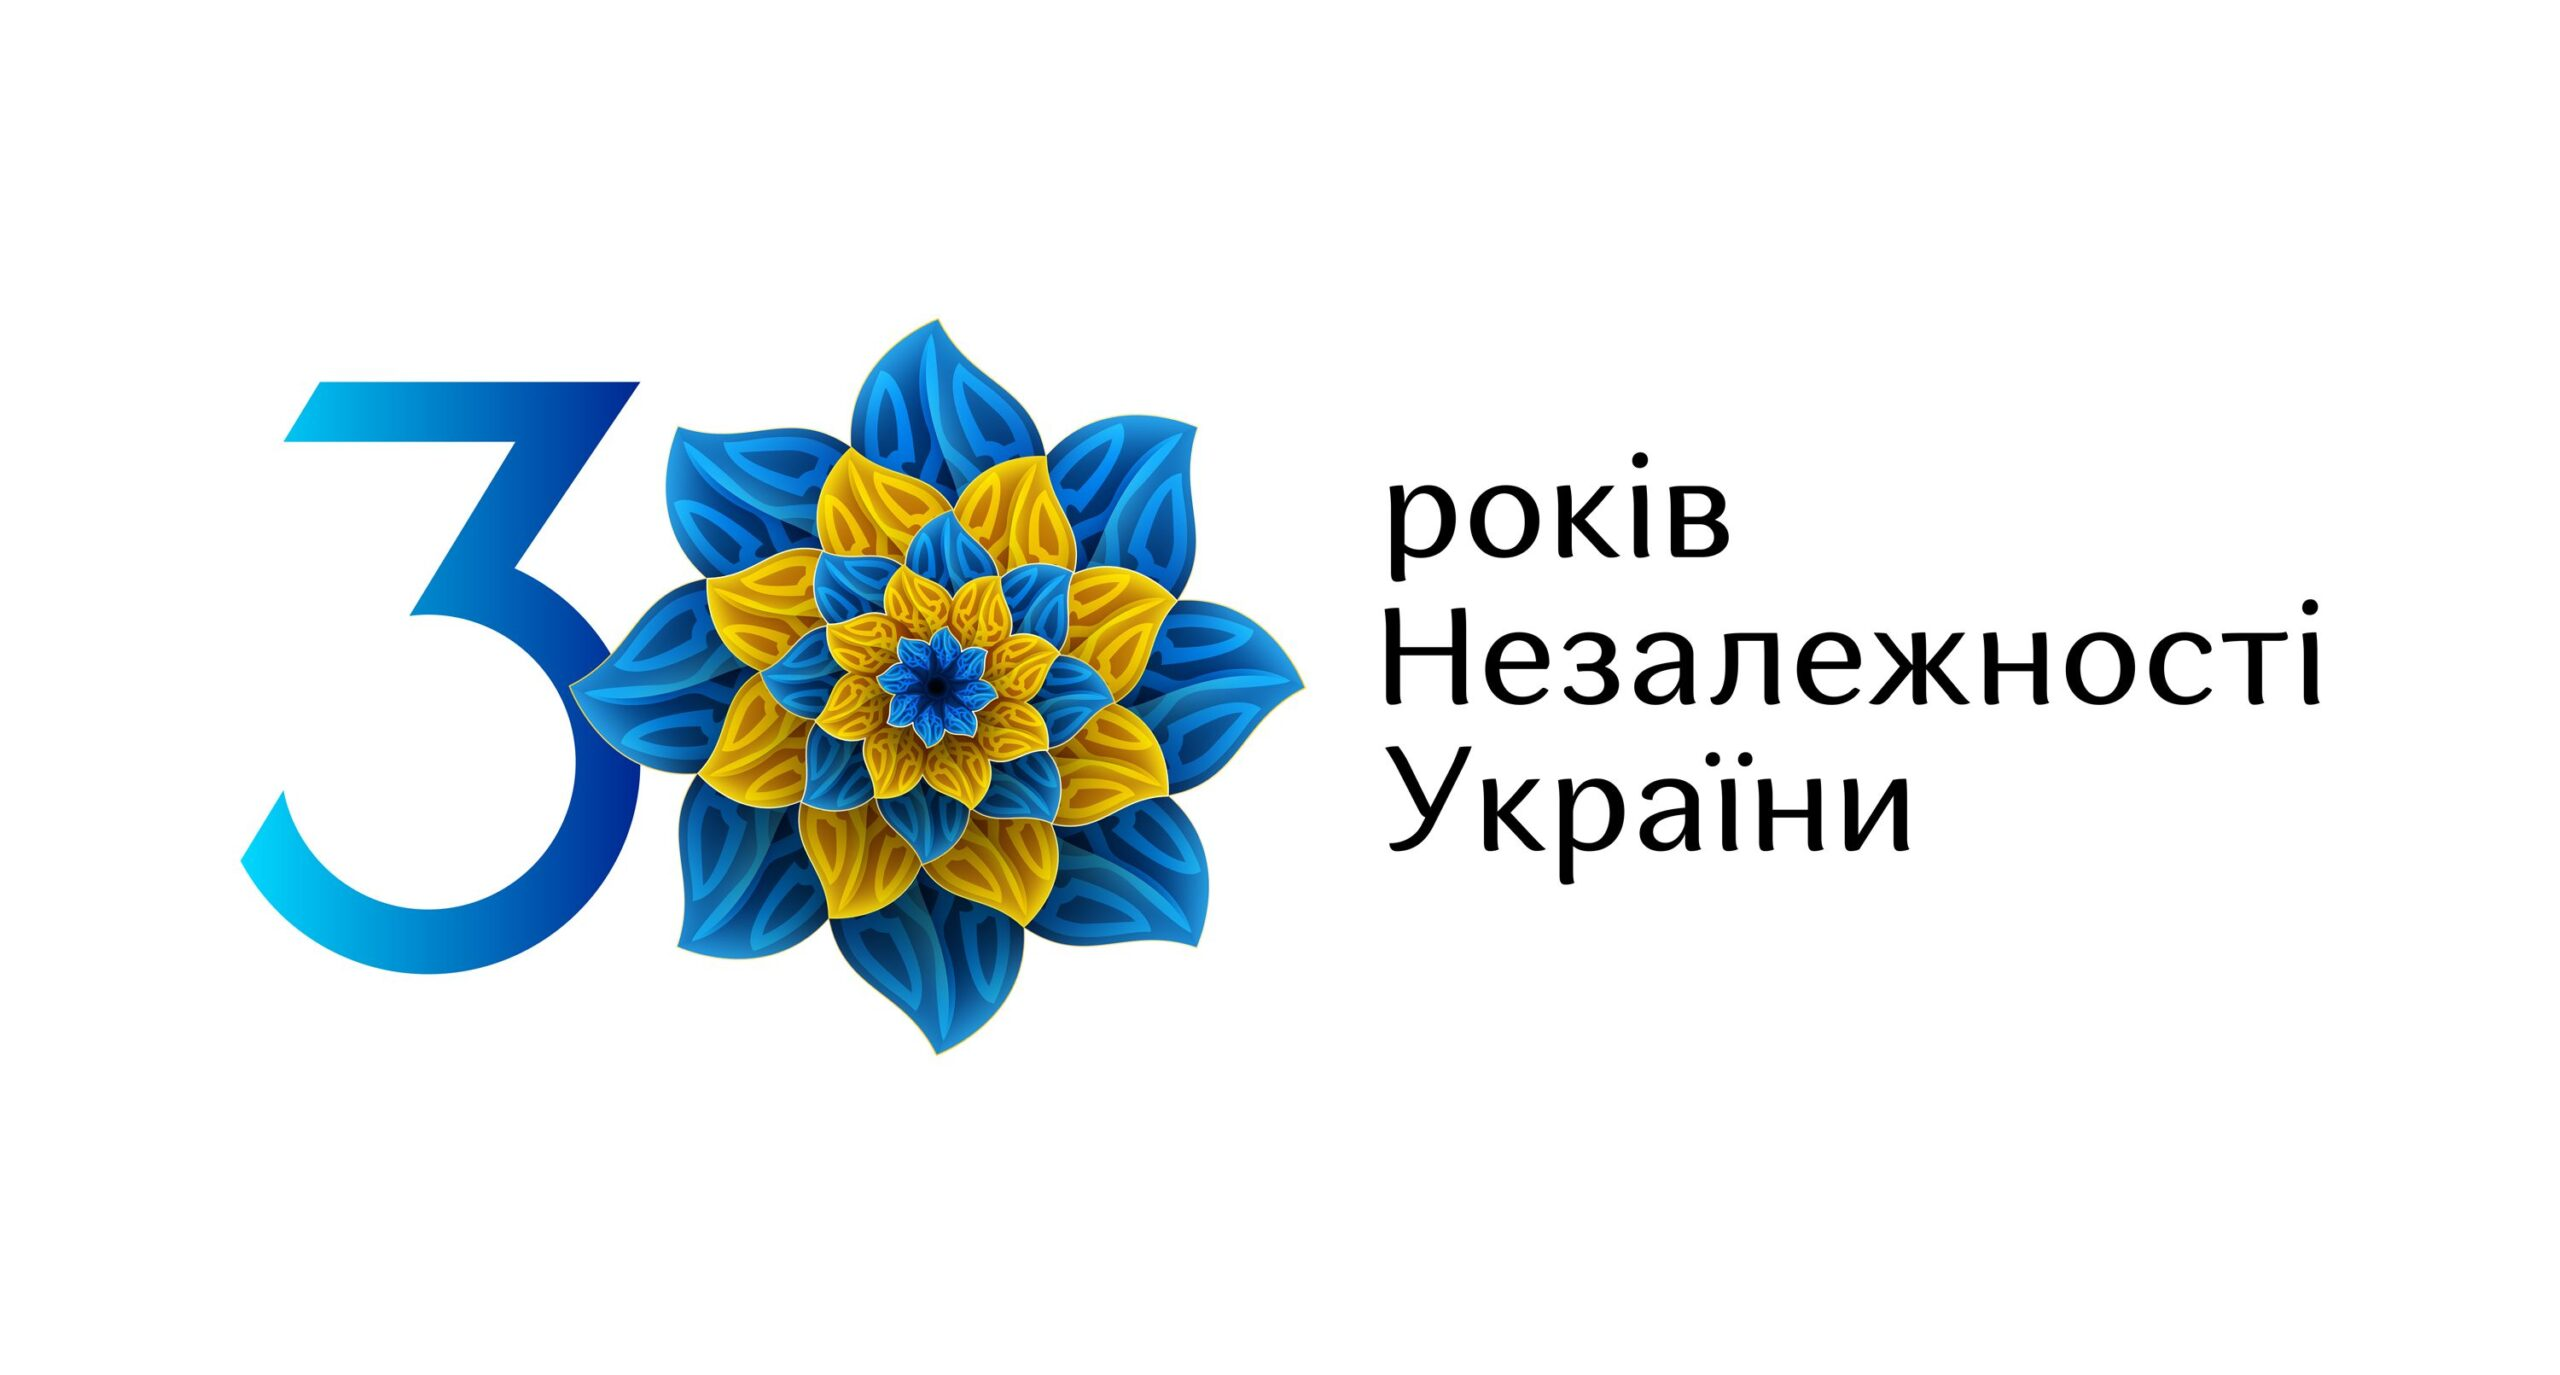 You are currently viewing Дорогі друзі! Прийміть щирі вітання з нагоди головного свята нашої держави – 30-ого Дня незалежності України!